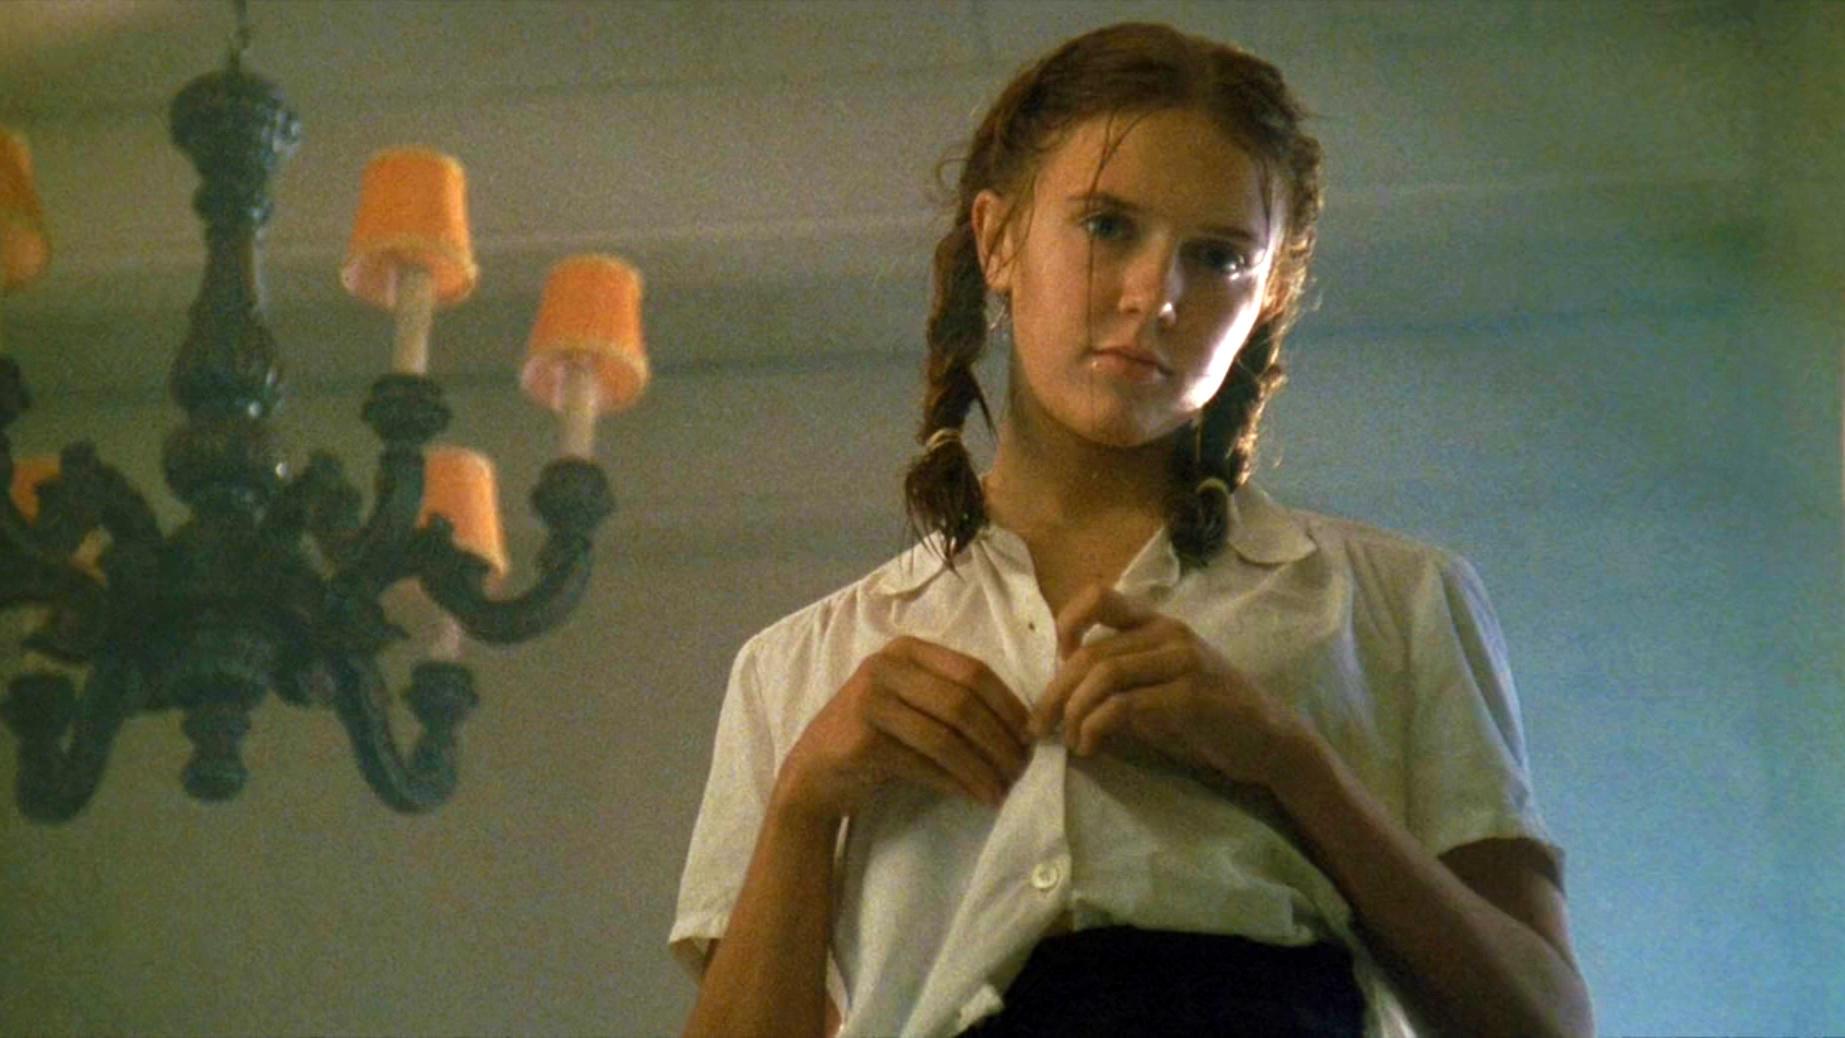 #电影迷的修养#私藏了20多年的电影,每年看一遍都不会腻,女孩美得无法抗拒!